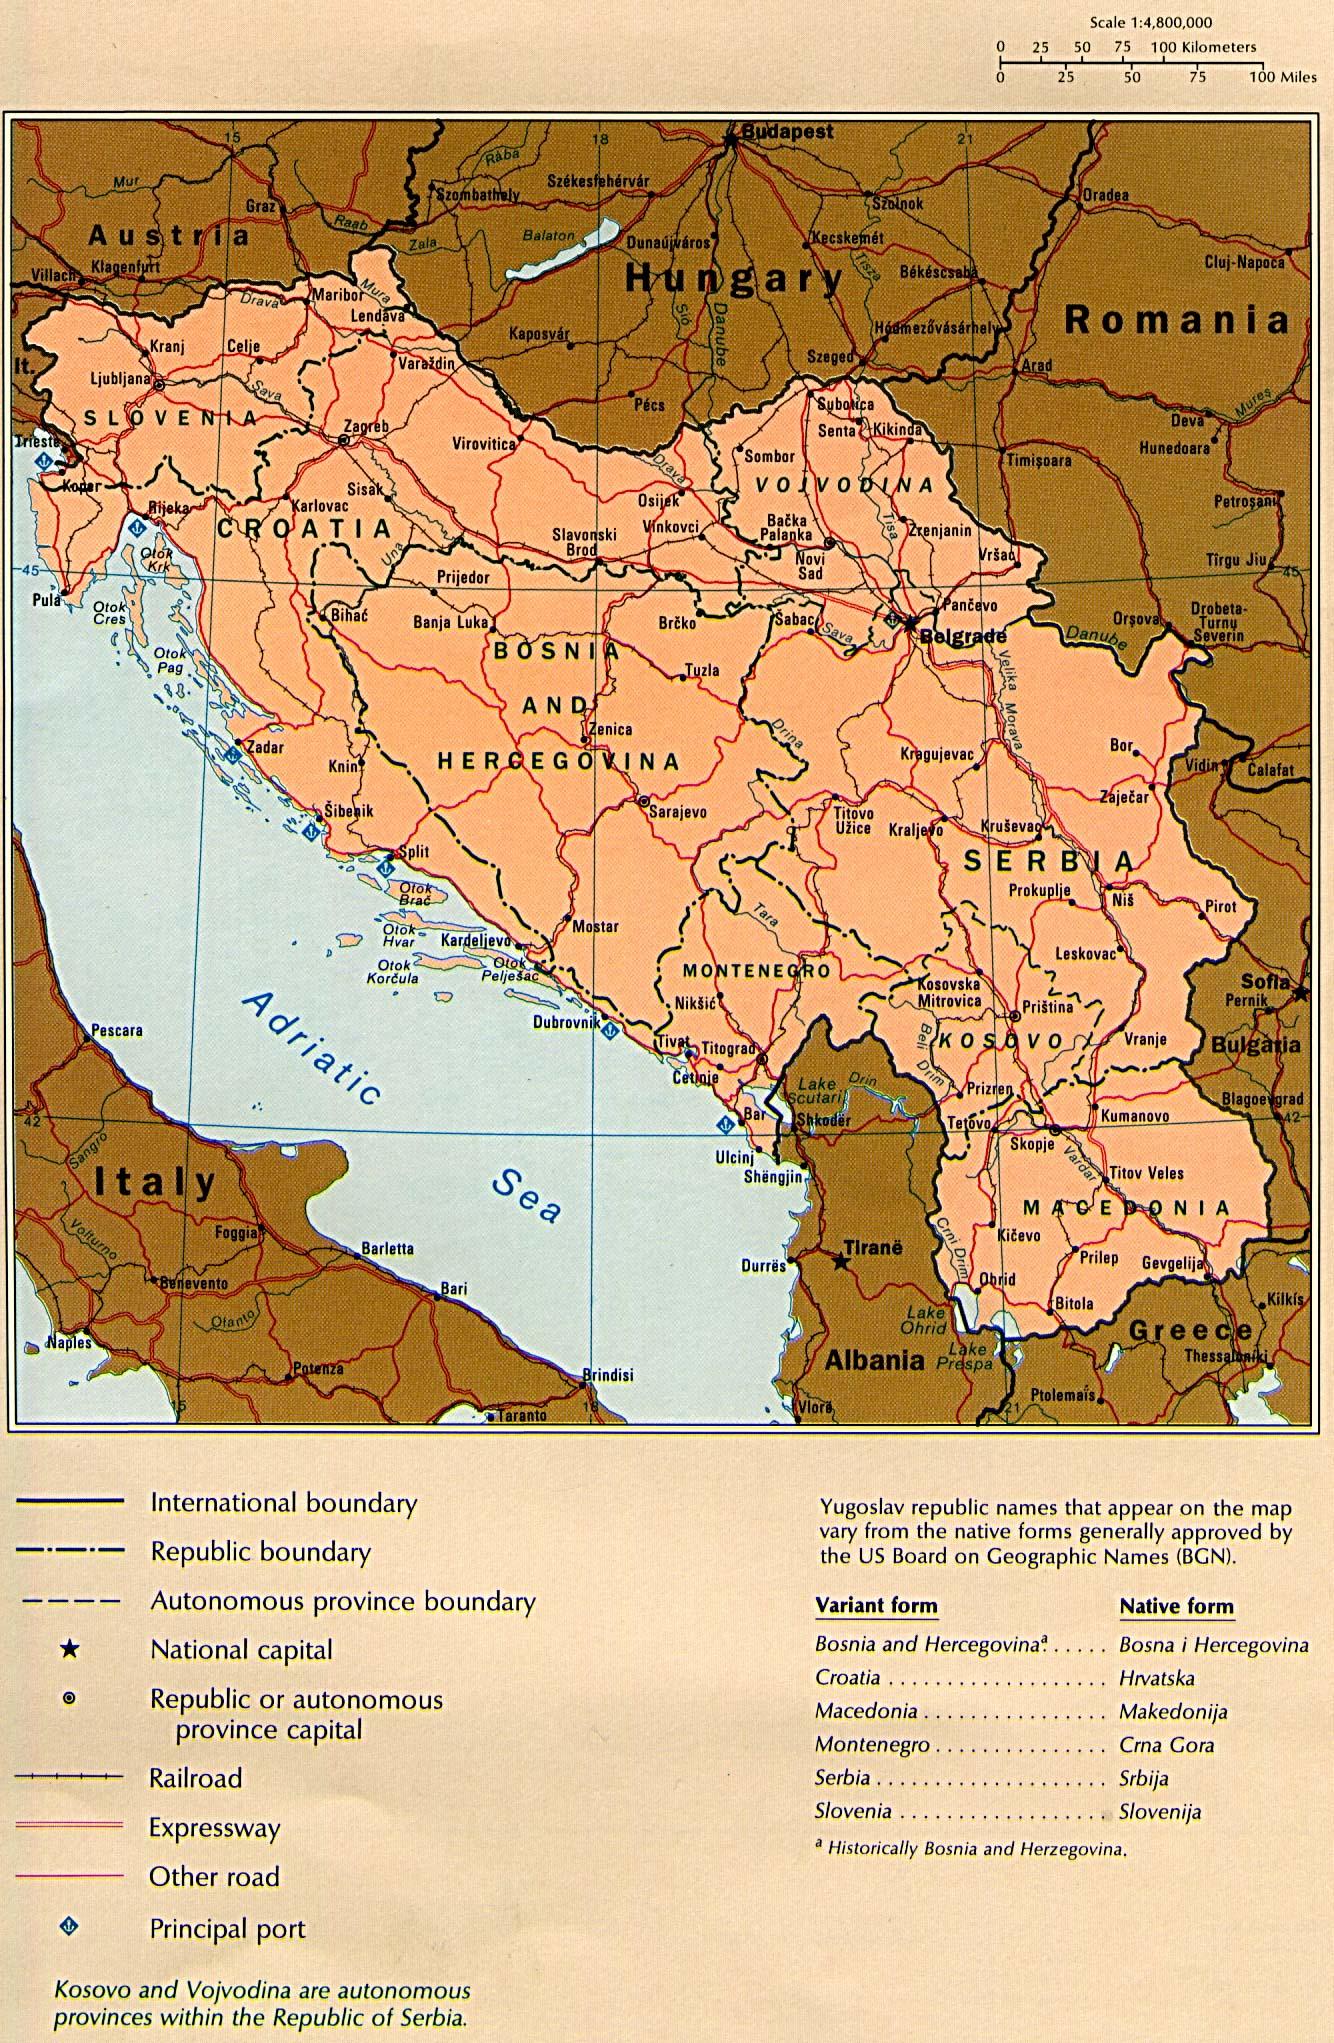 Mapa Politico de la Ex Yugoslavia